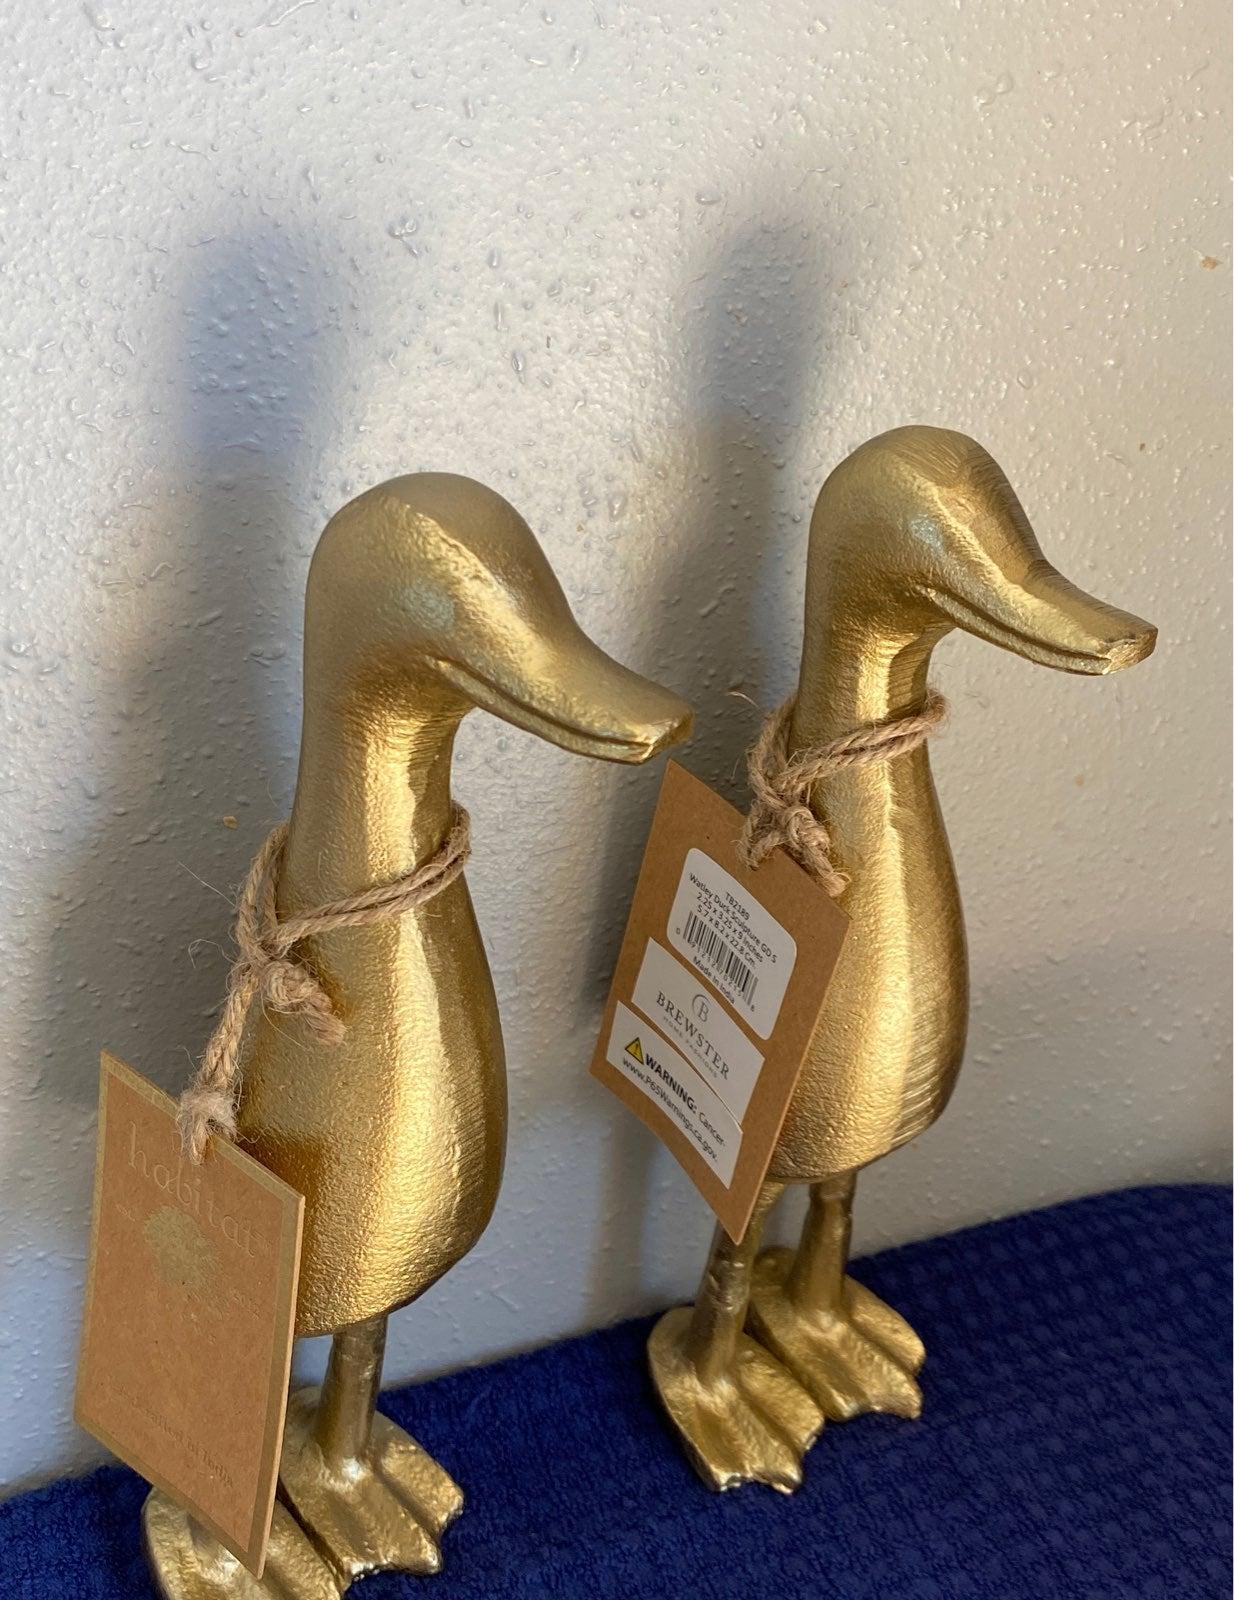 Brass tall ducks marshalls spring summer